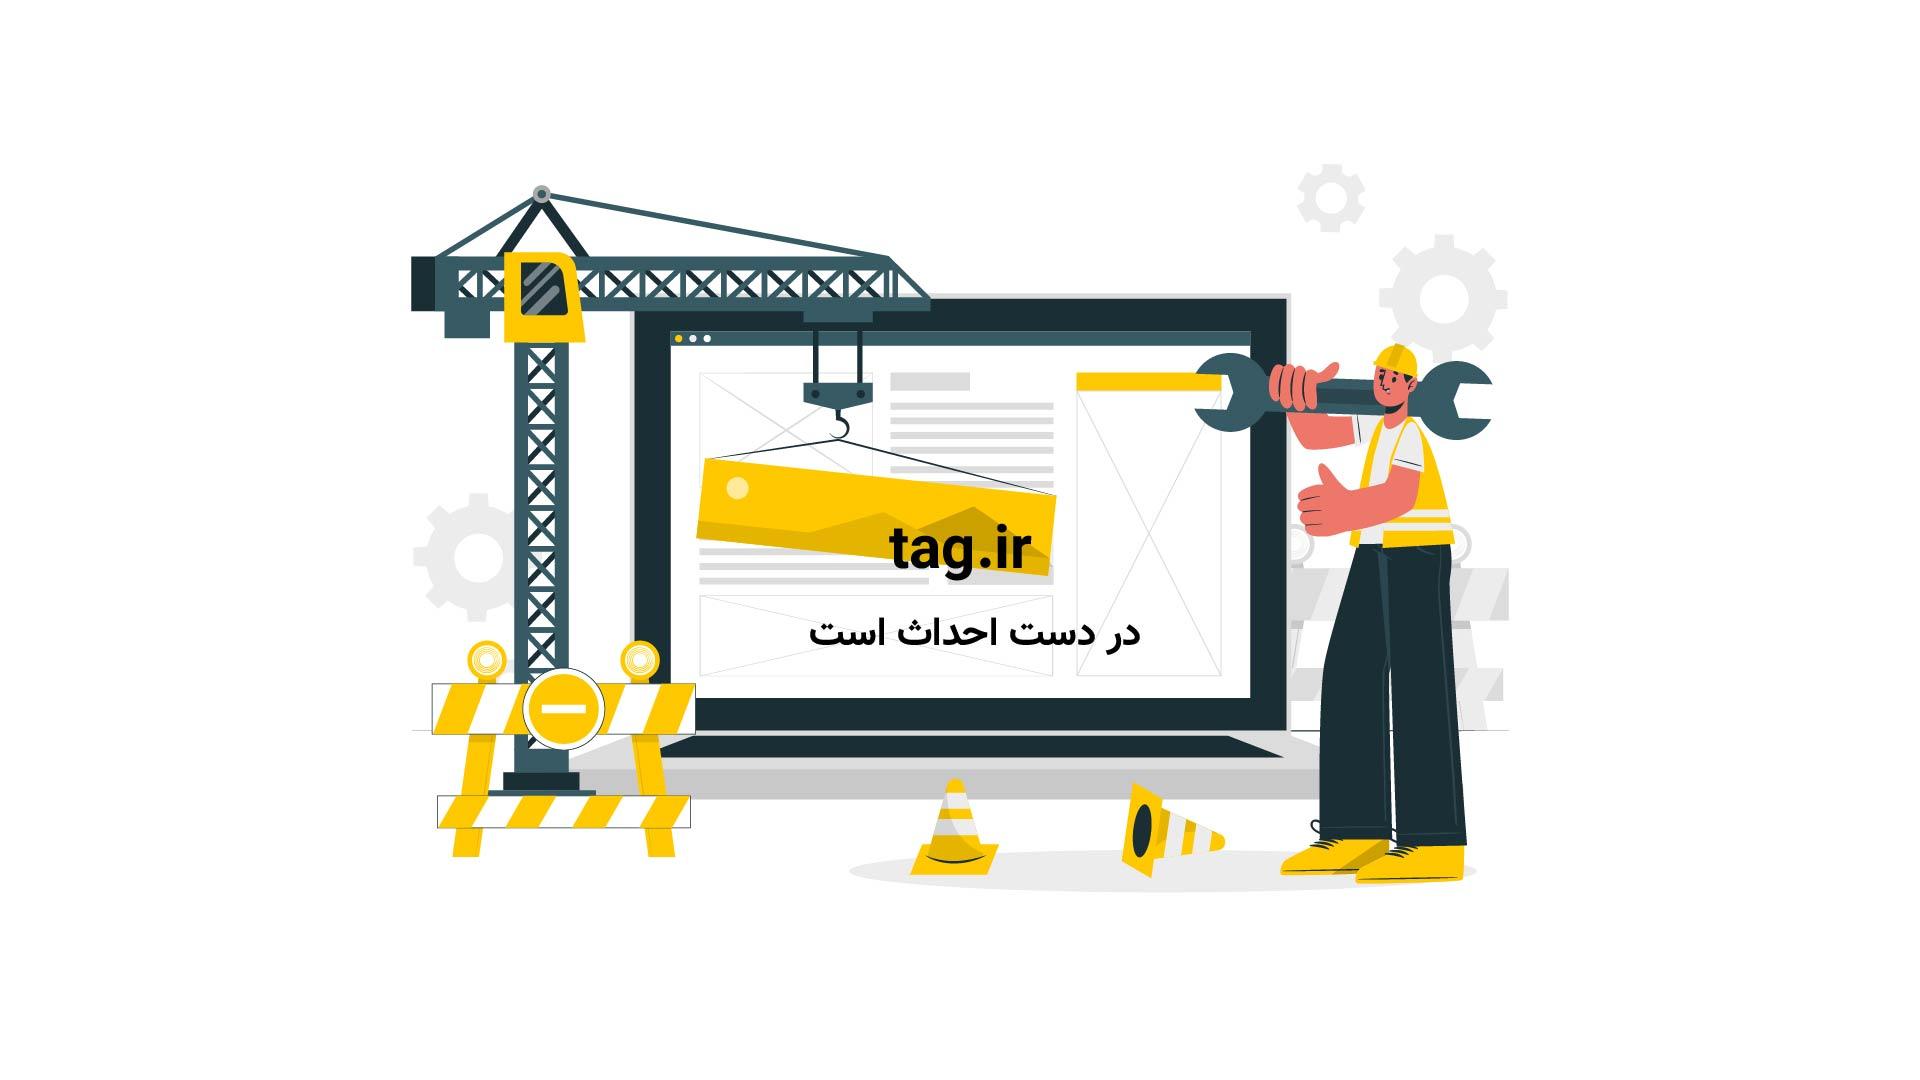 بلایی که بر سر دختران ایرانی در زندانهای مخوف مالزی آمد | فیلم